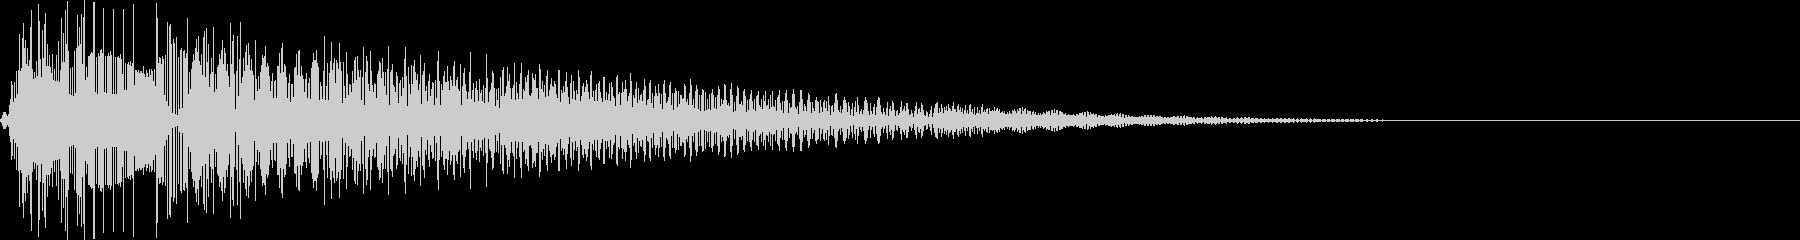 ピュン!(かわいい/ピコピコ音/ショットの未再生の波形